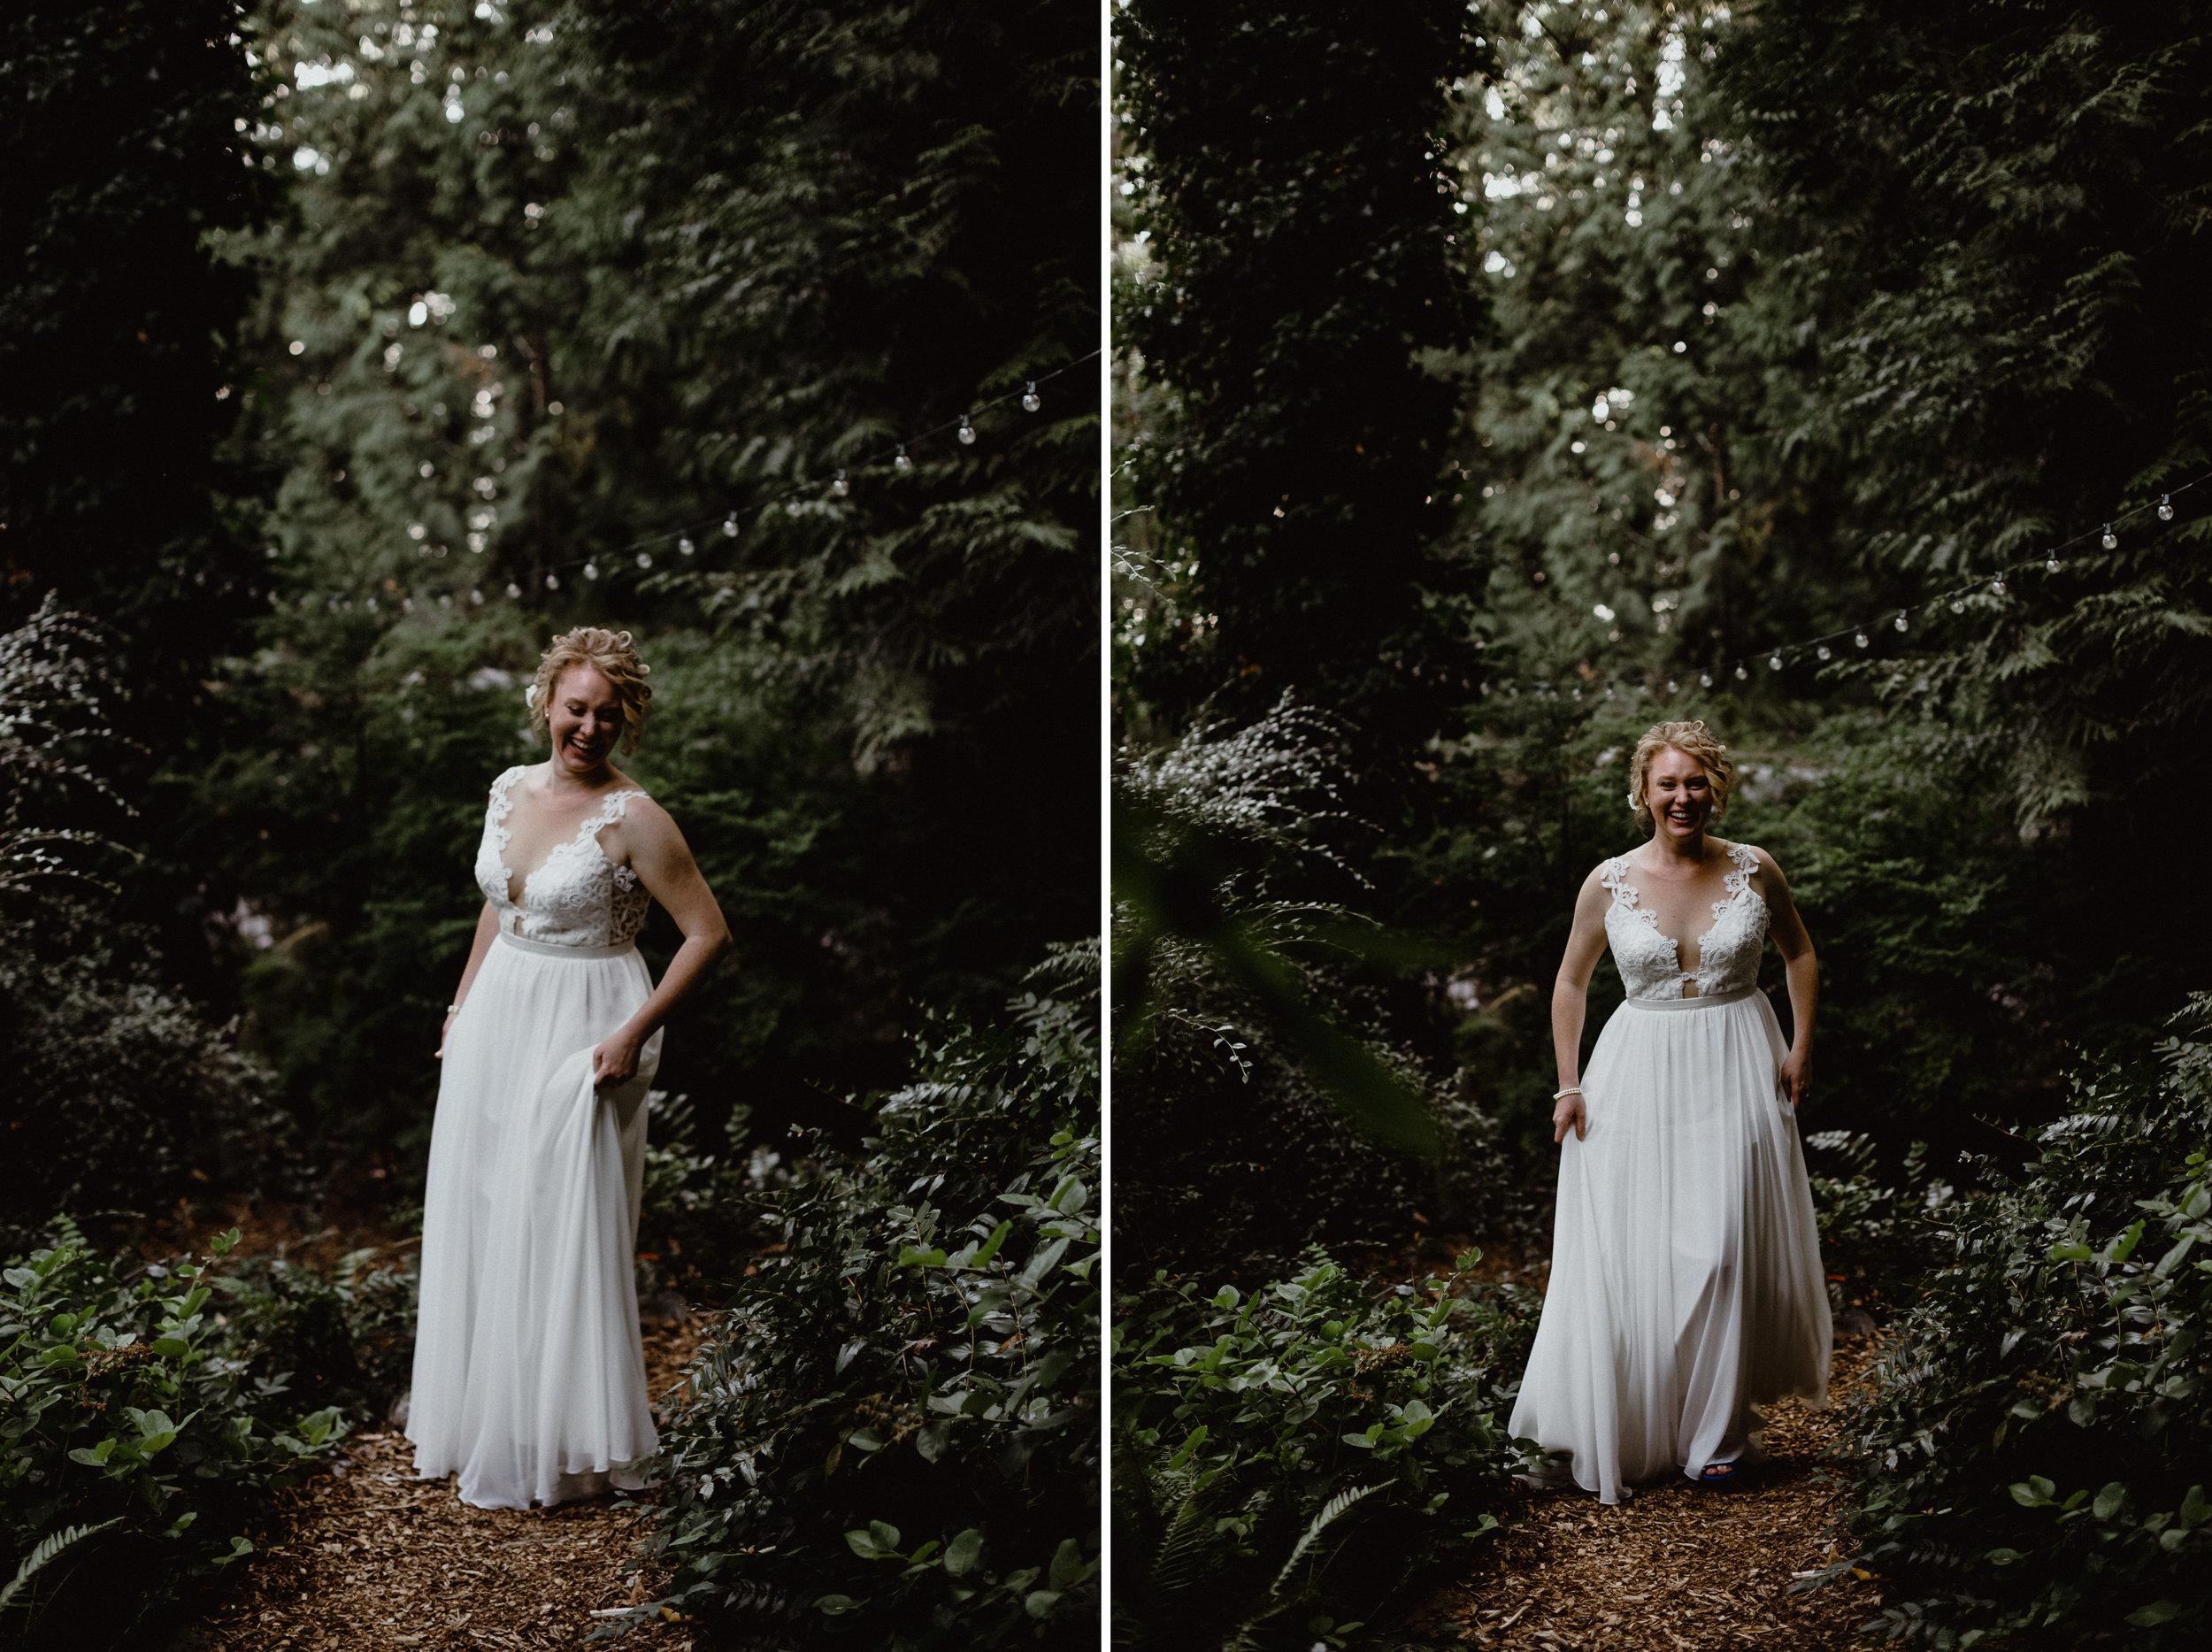 west-vancouver-backyard-wedding-211.jpg